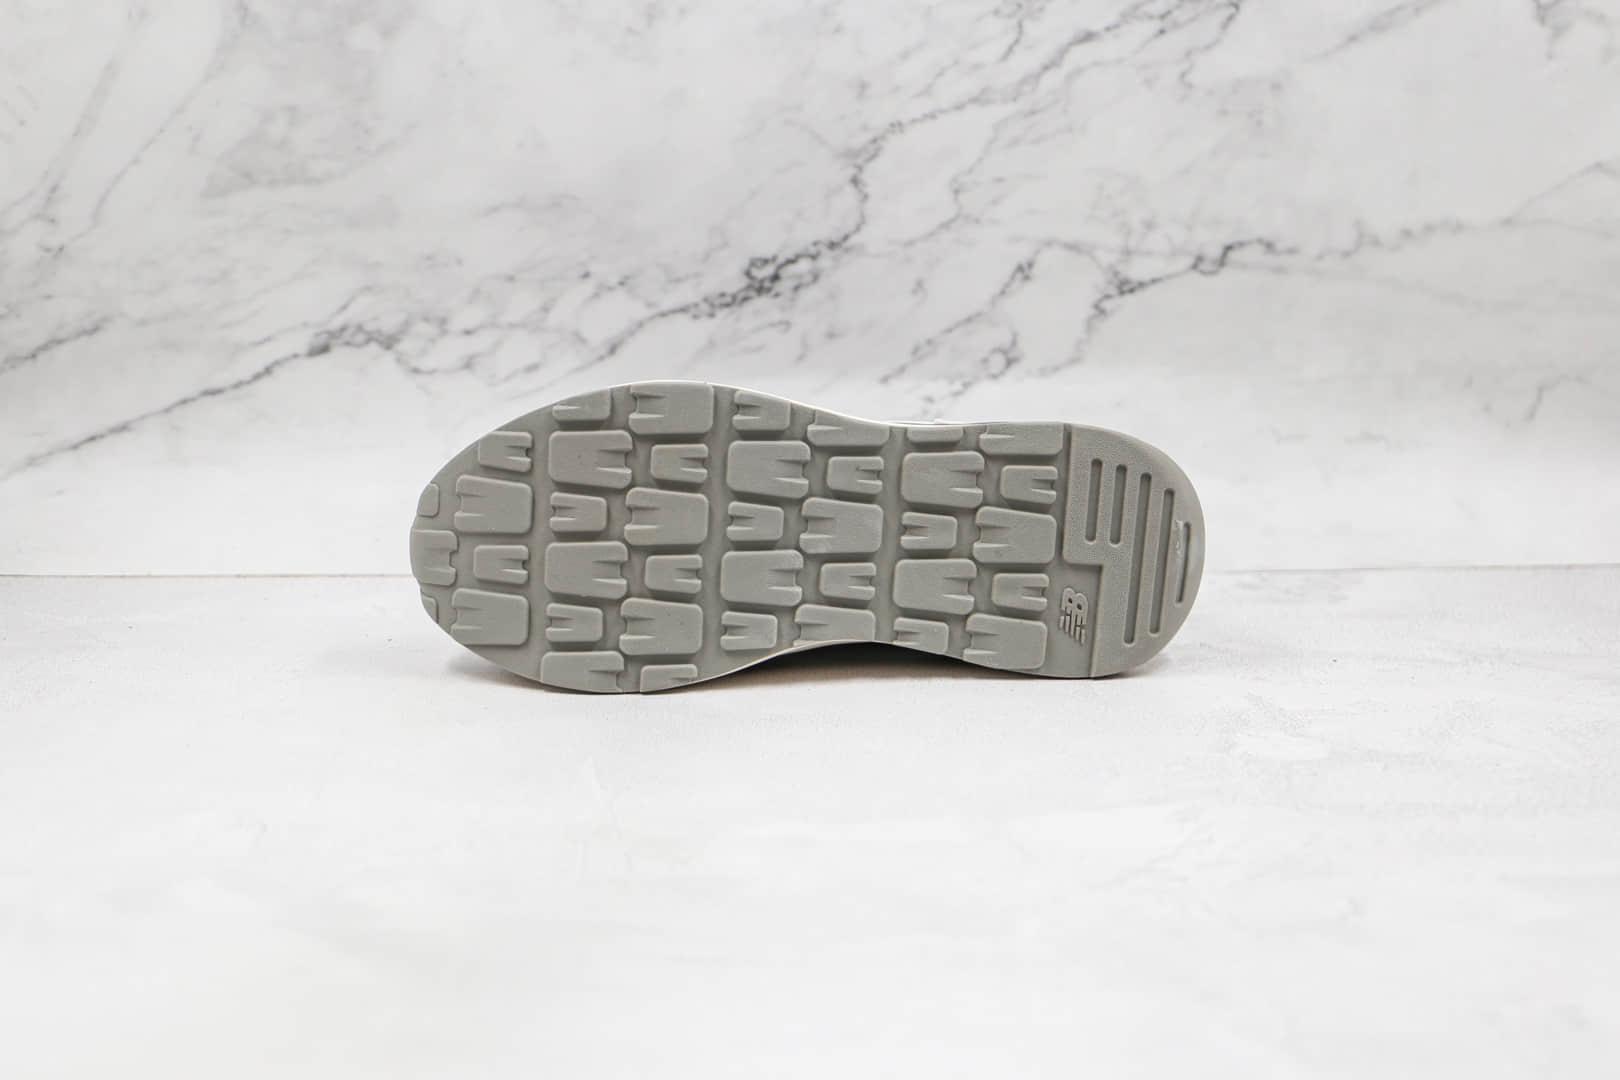 新百伦New Balance 5740纯原版本网面白灰色复古NB5740慢跑鞋原档案数据开发 货号:M5740WD